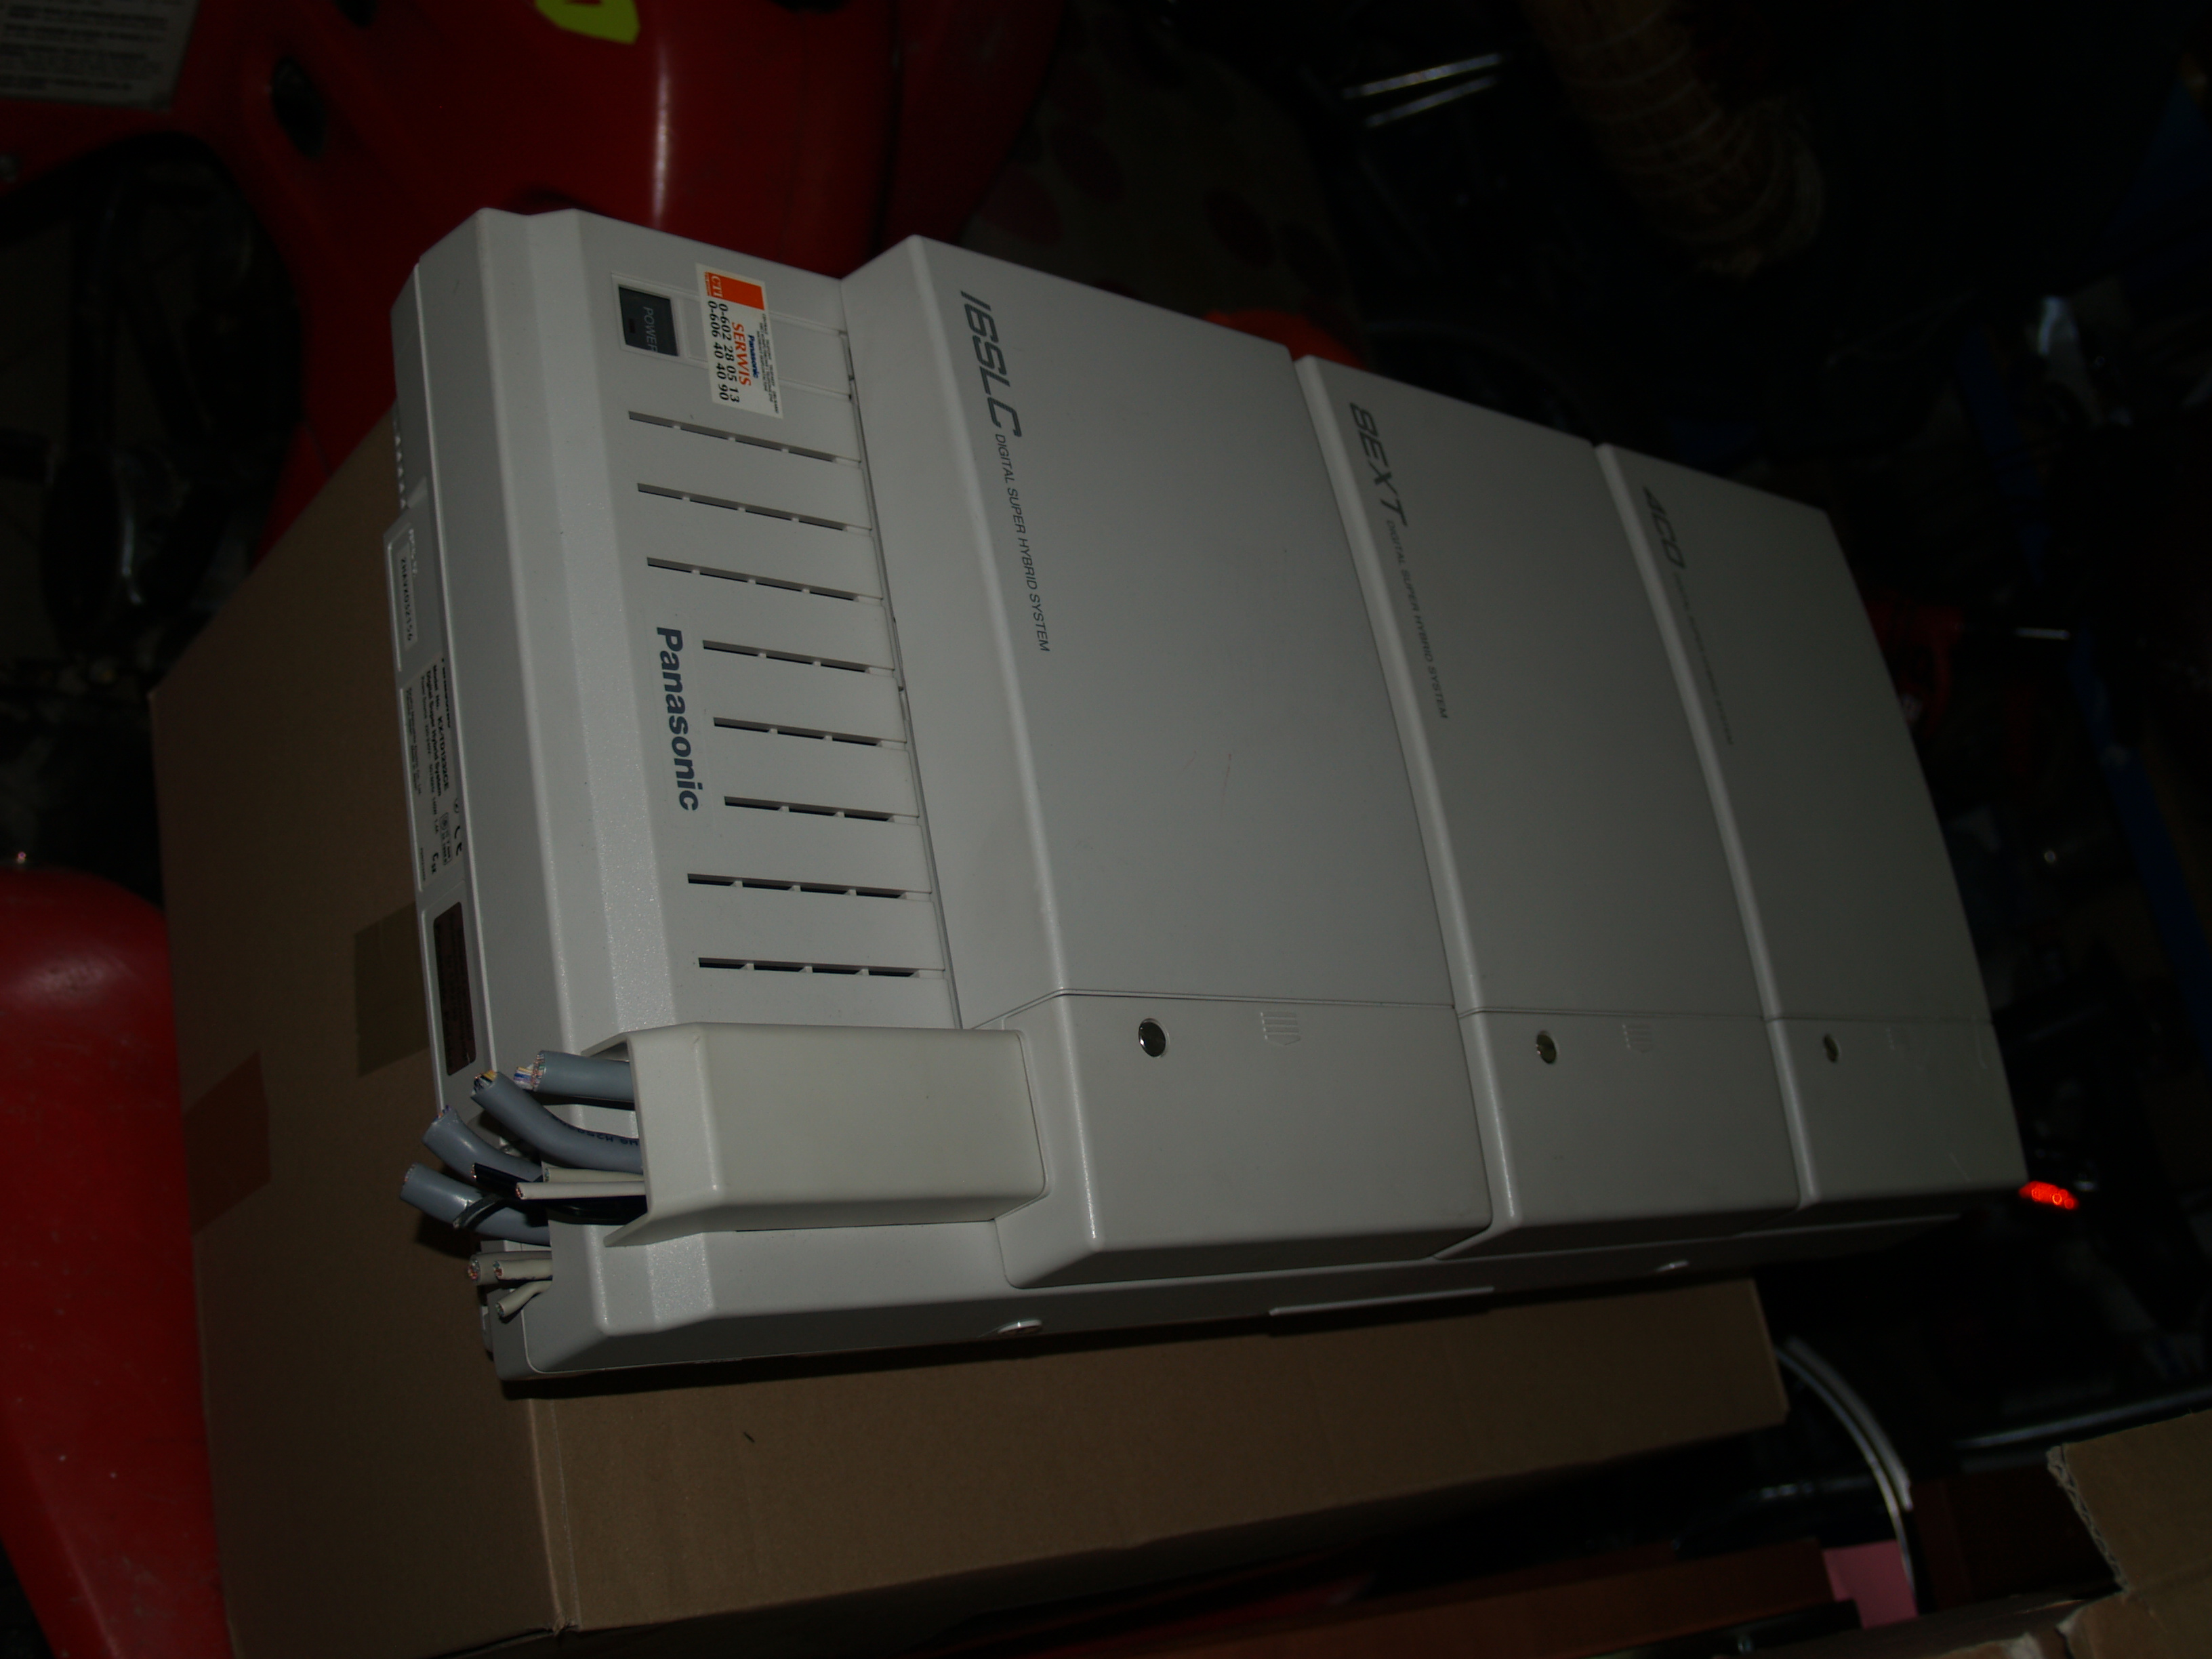 [Sprzedam] 2 centrale Panasonic z kartami i 14 telefon�w Panasonic